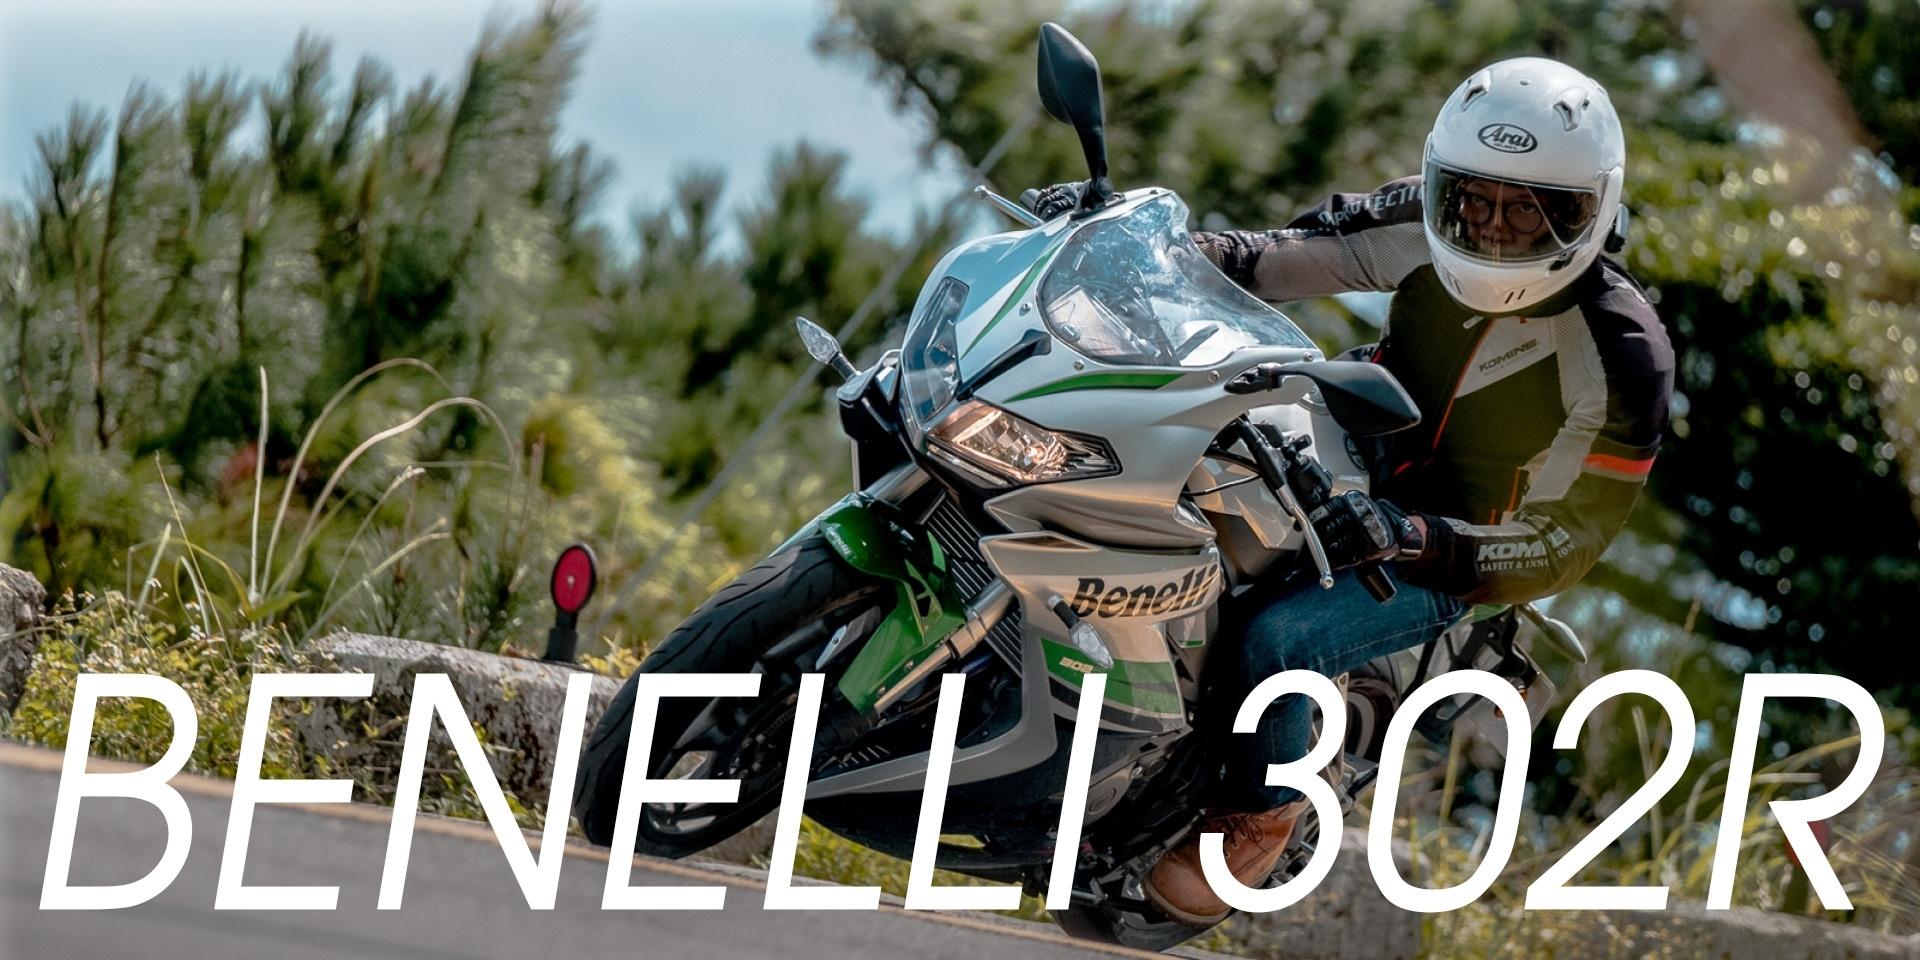 好料滿載的雙缸輕跑。BENELLI 302R